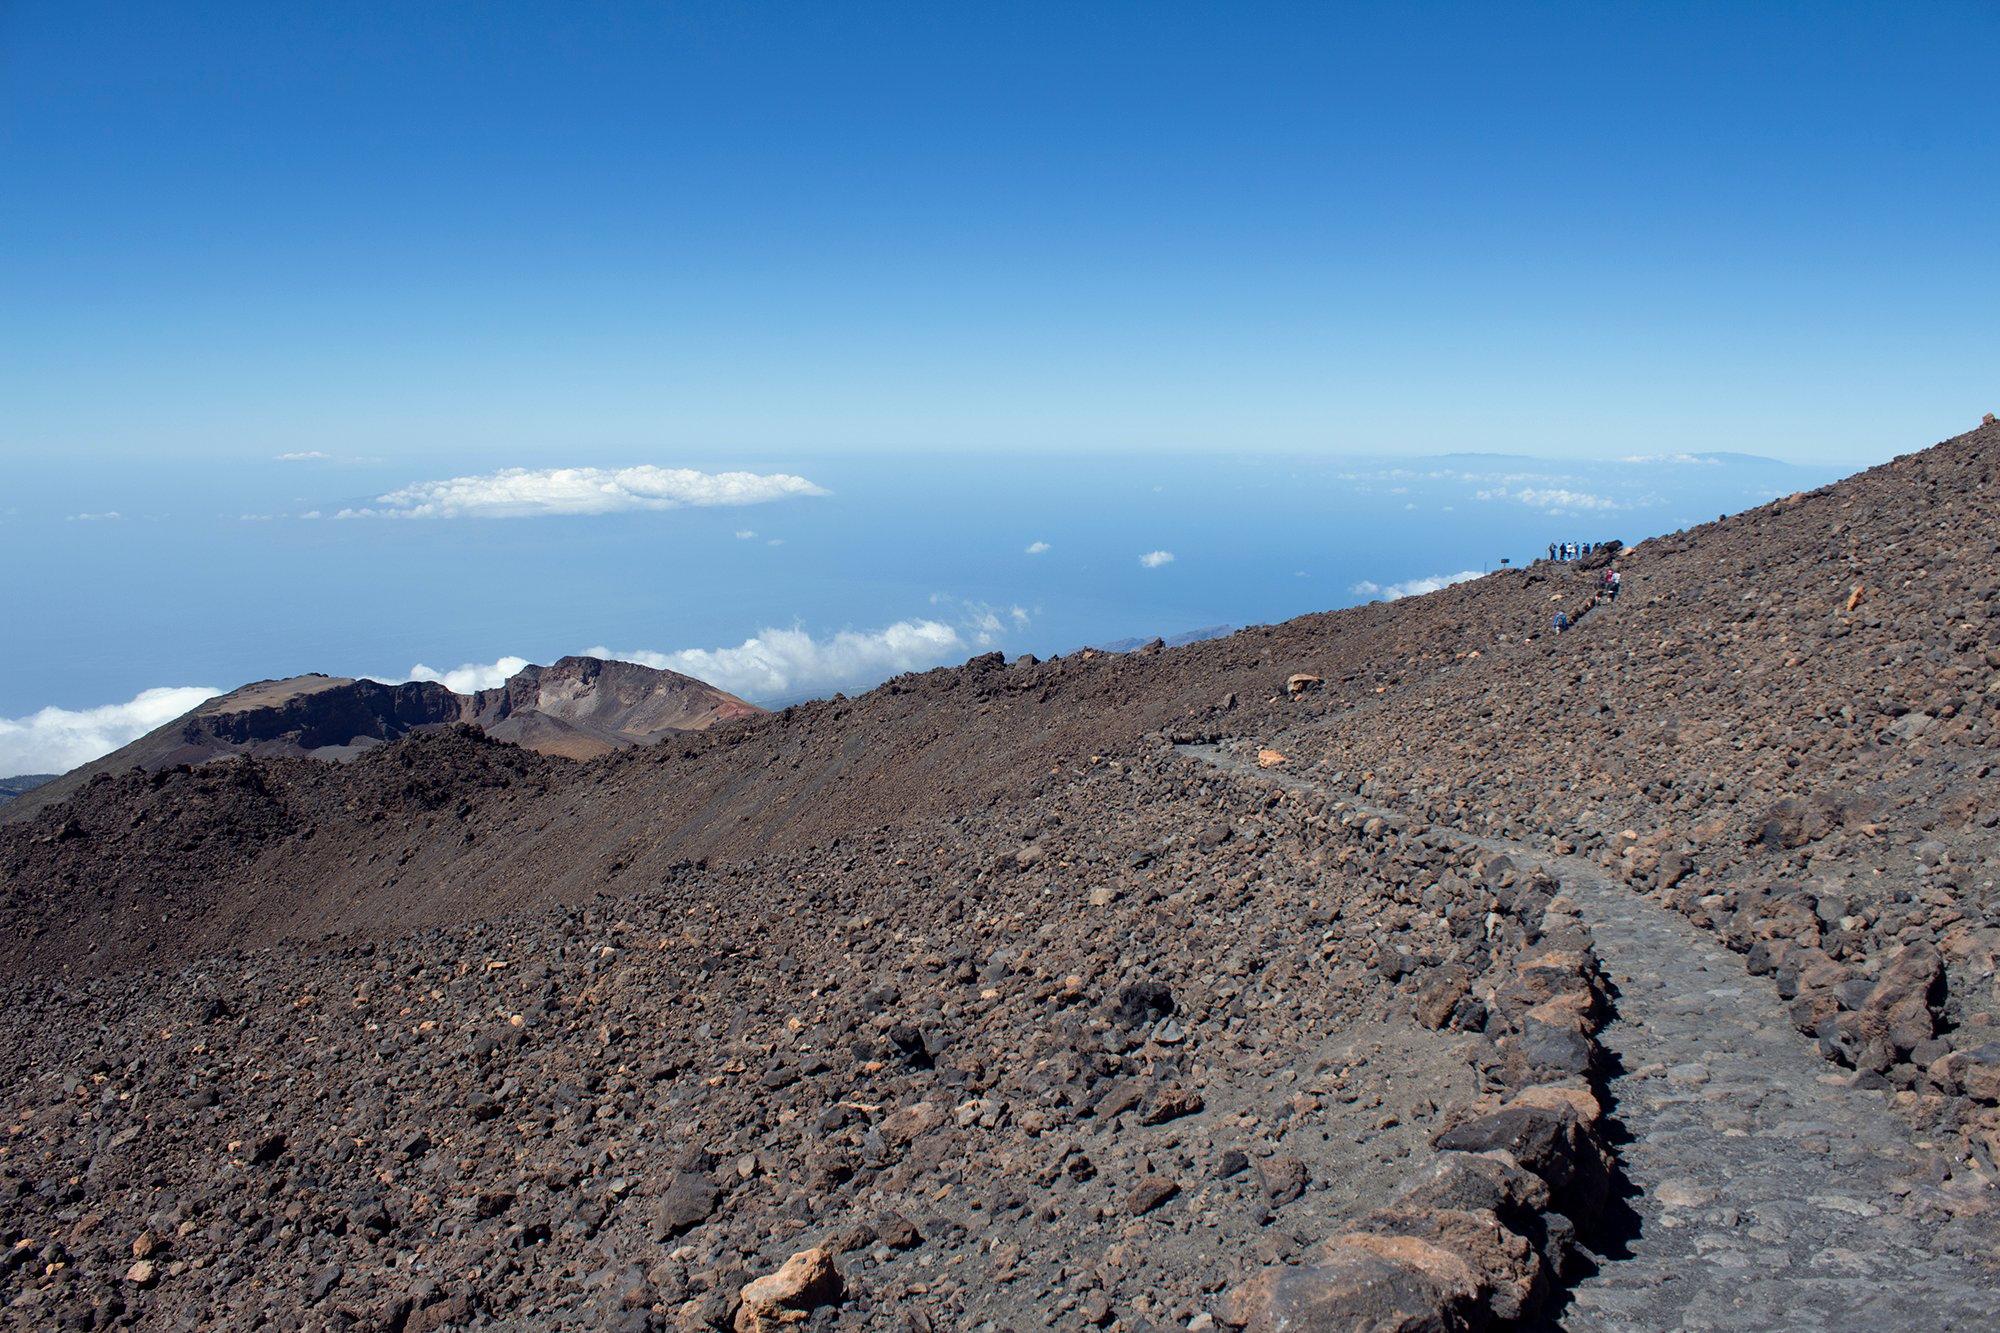 Visite guidate sul Teide - Itinerario guidato a Pico Viejo con Funivia